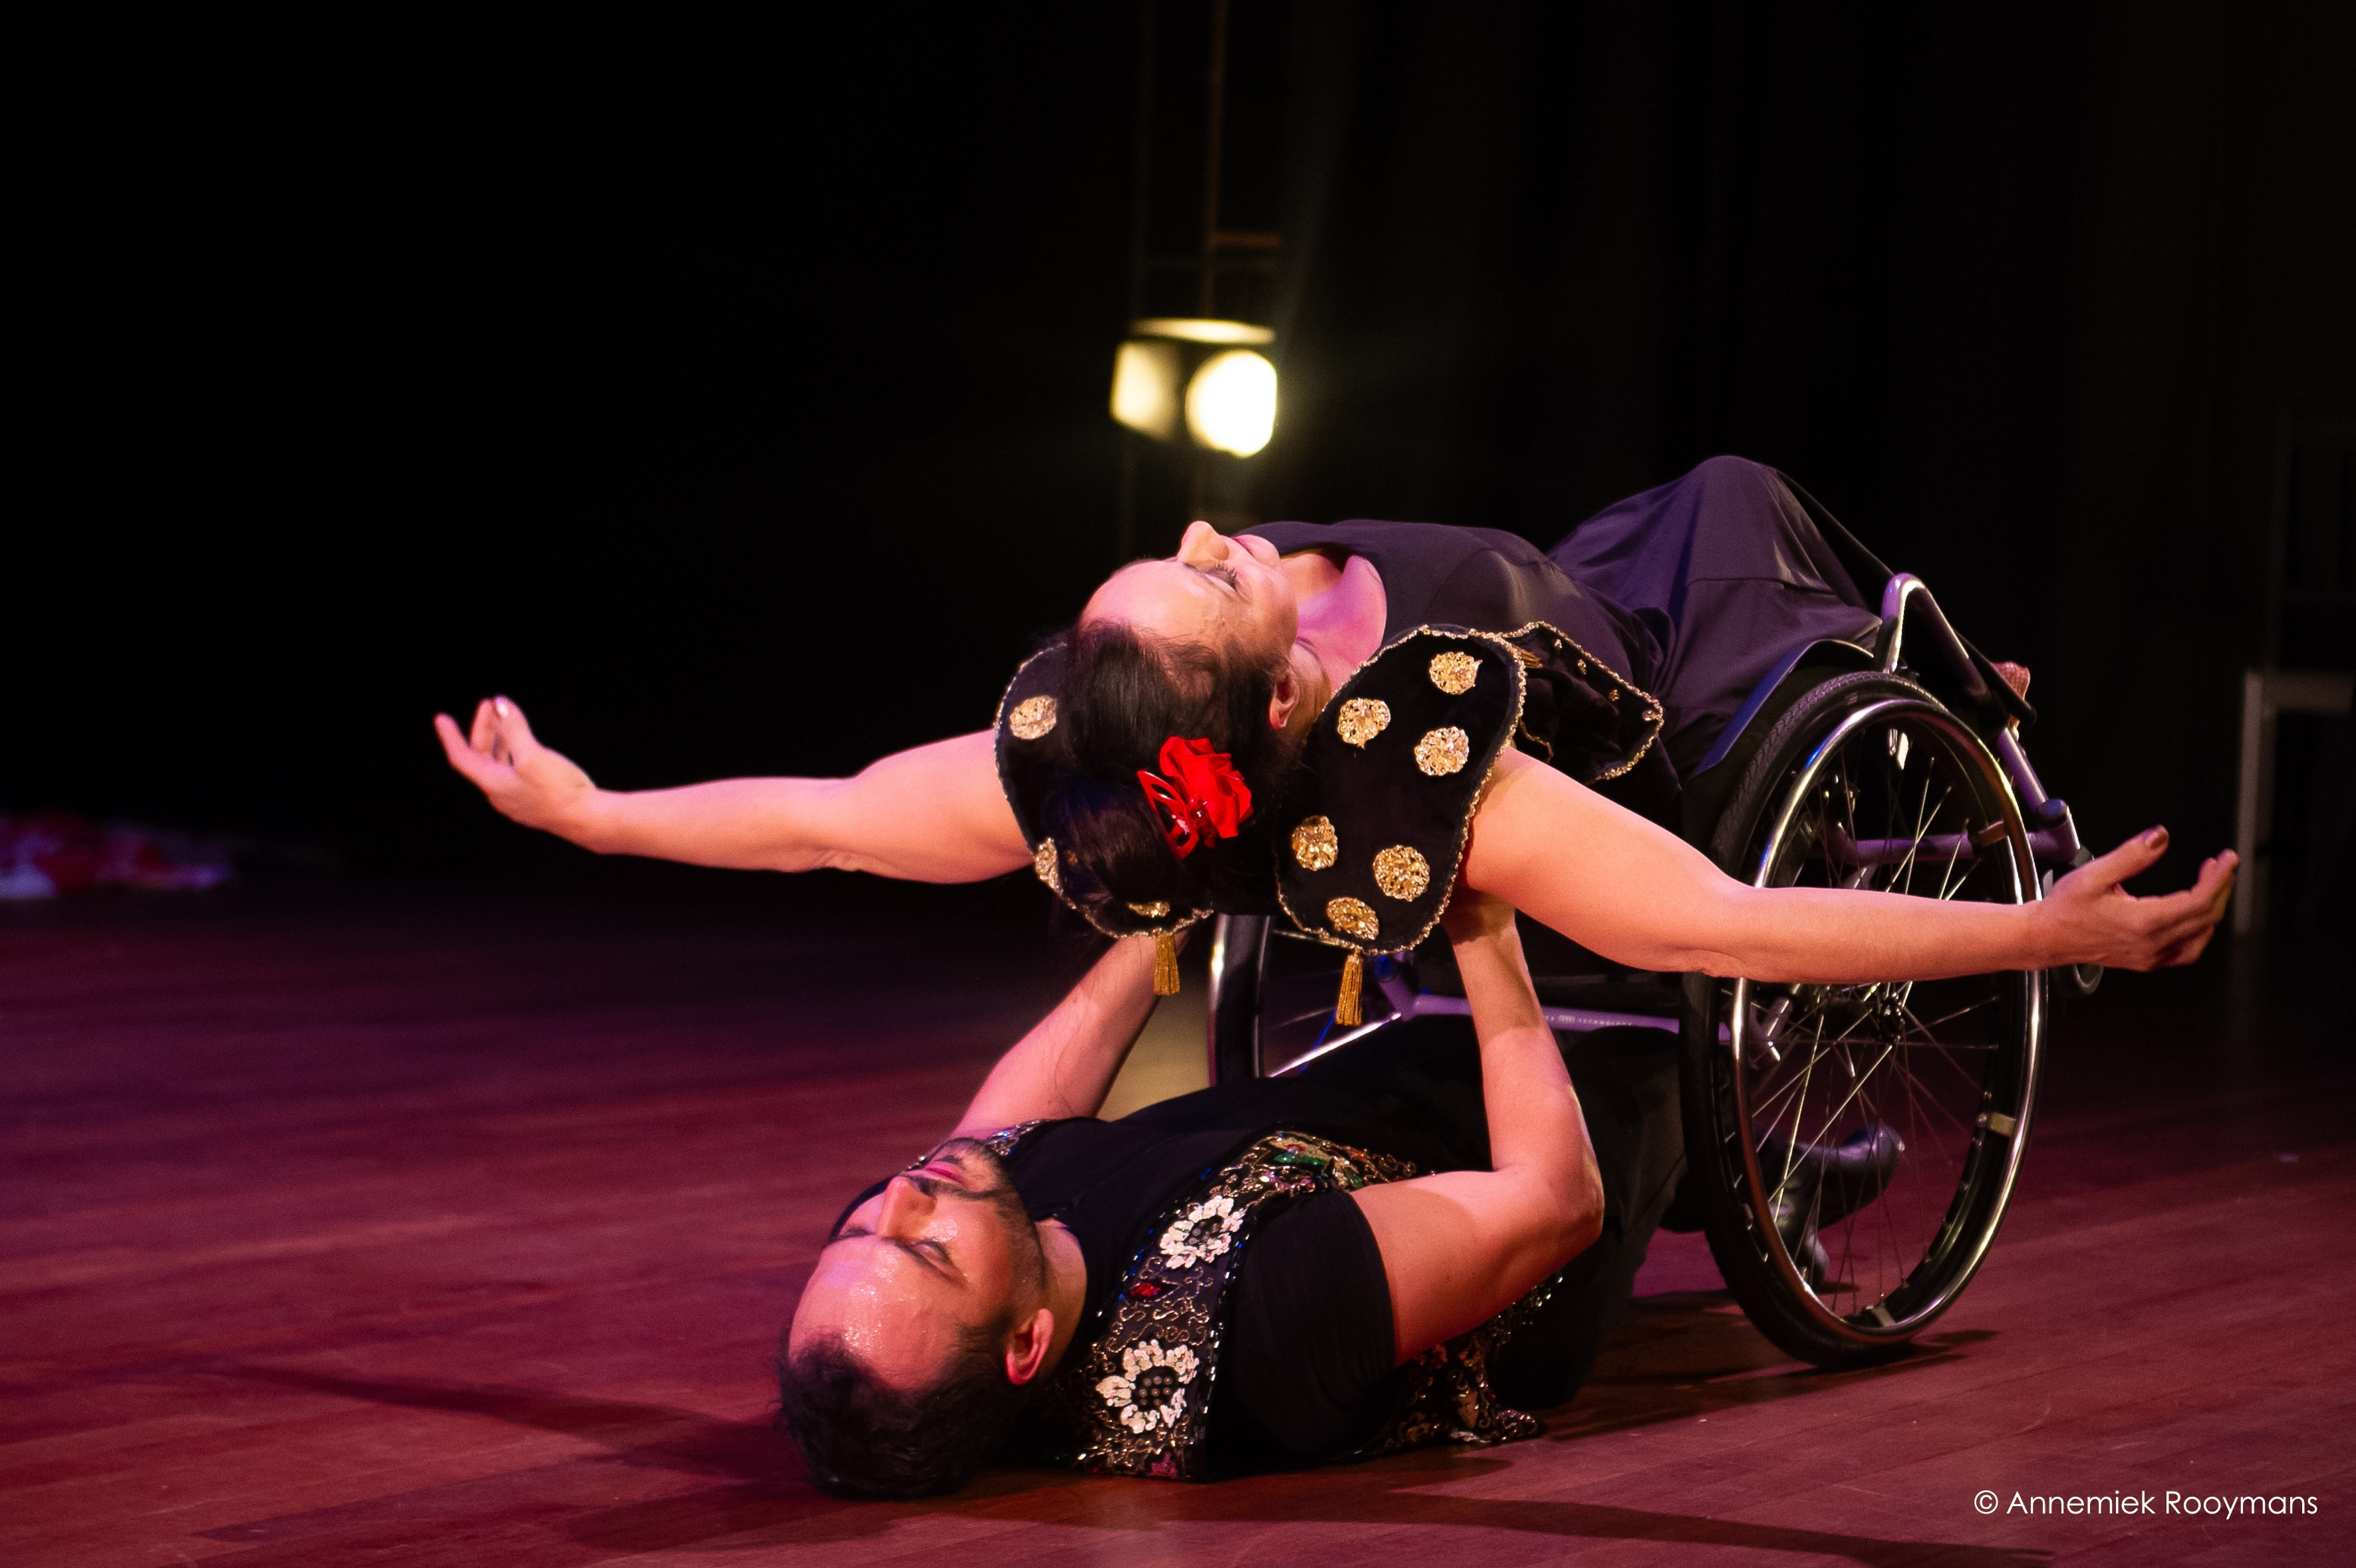 El teatro Alhambra presenta la obra de flamenco inclusivo 'Sueños reales de cuerpos posibles', de José Galán